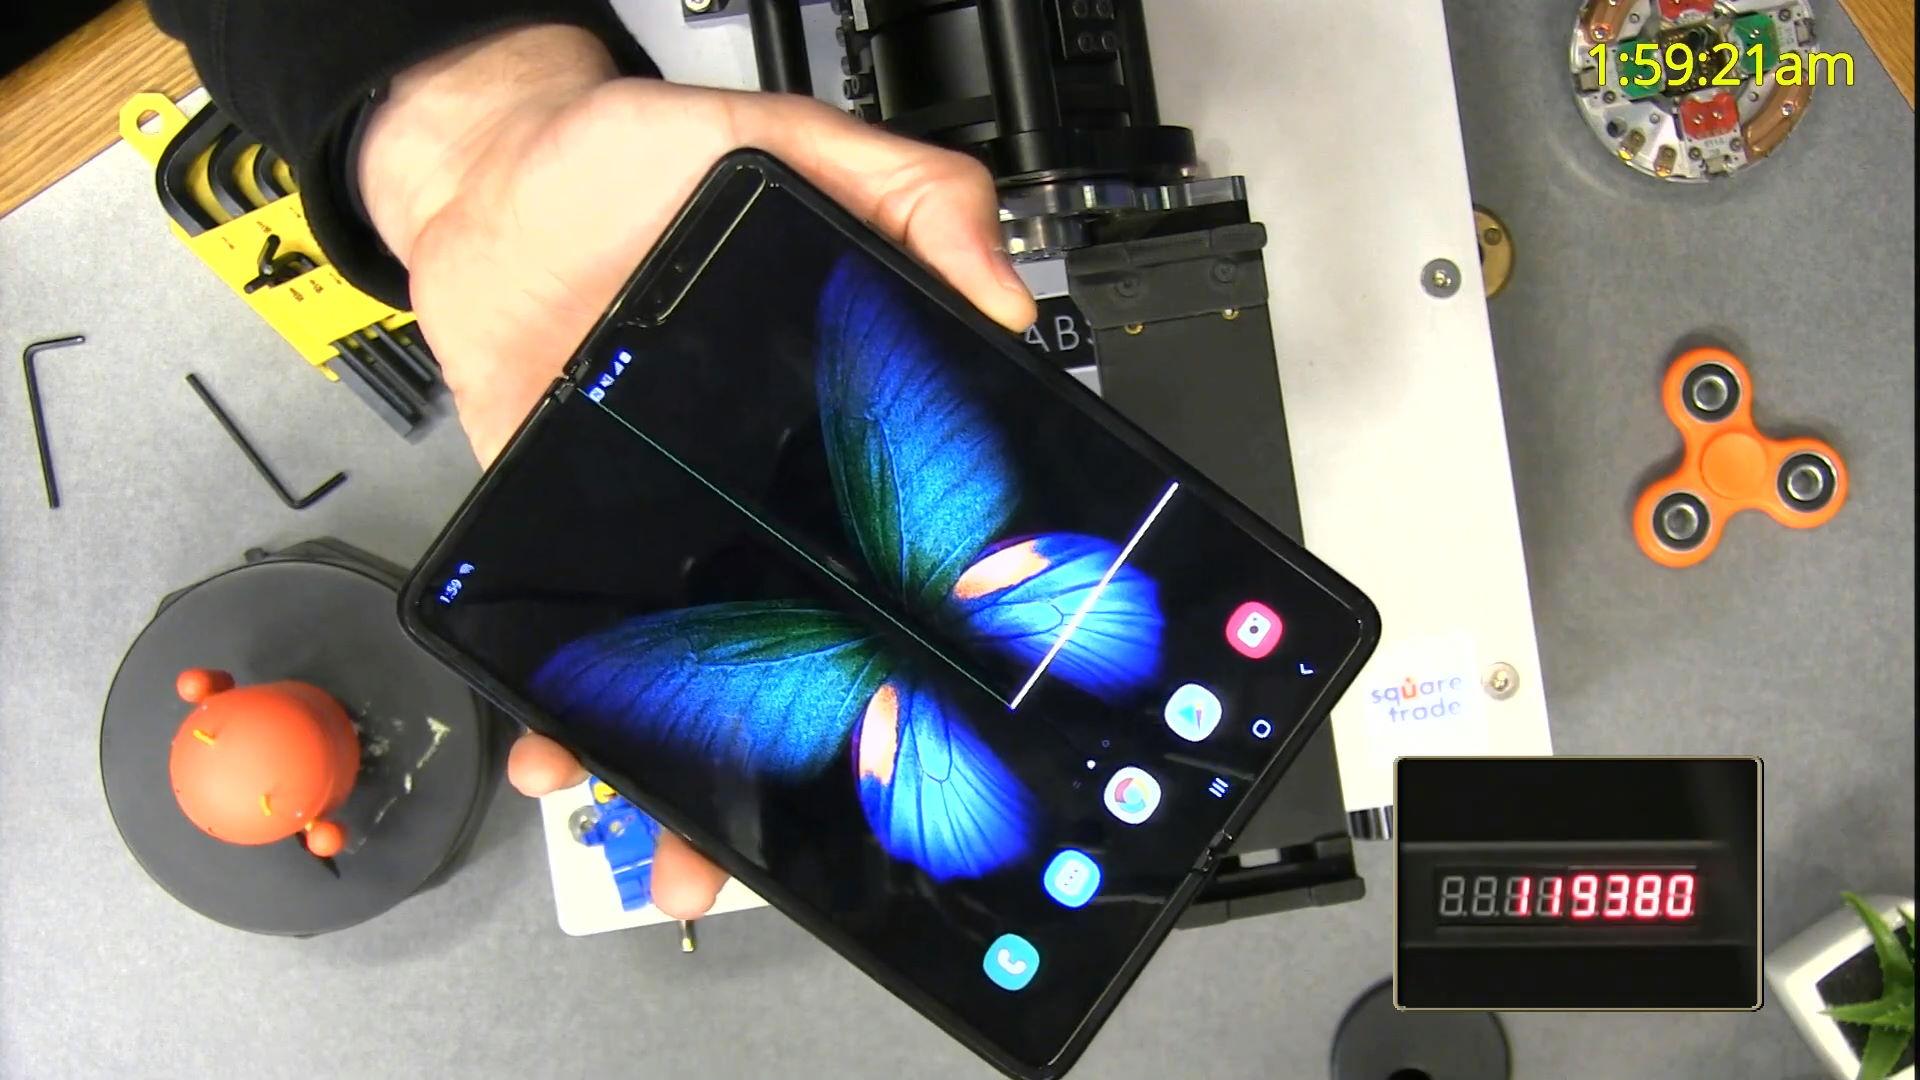 Galaxy Fold: de Nouveaux Problèmes de Samsung, le Pliage de Téléphone?